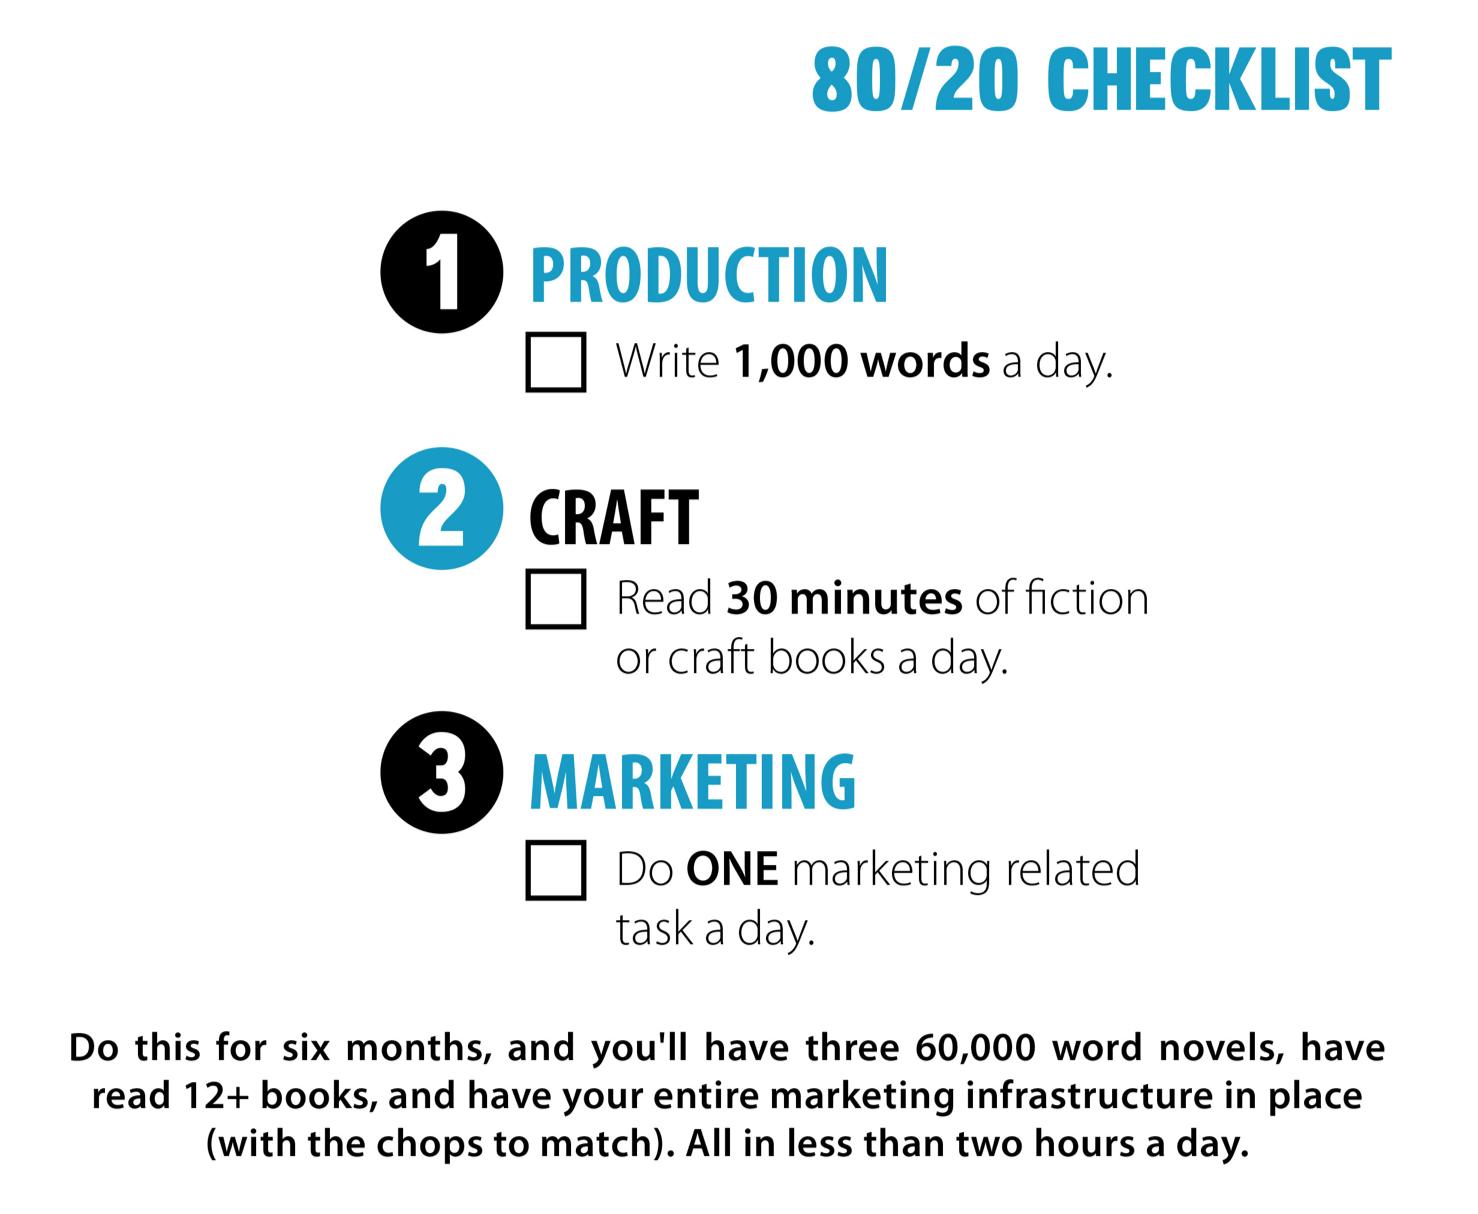 80/20 Checklist Chart